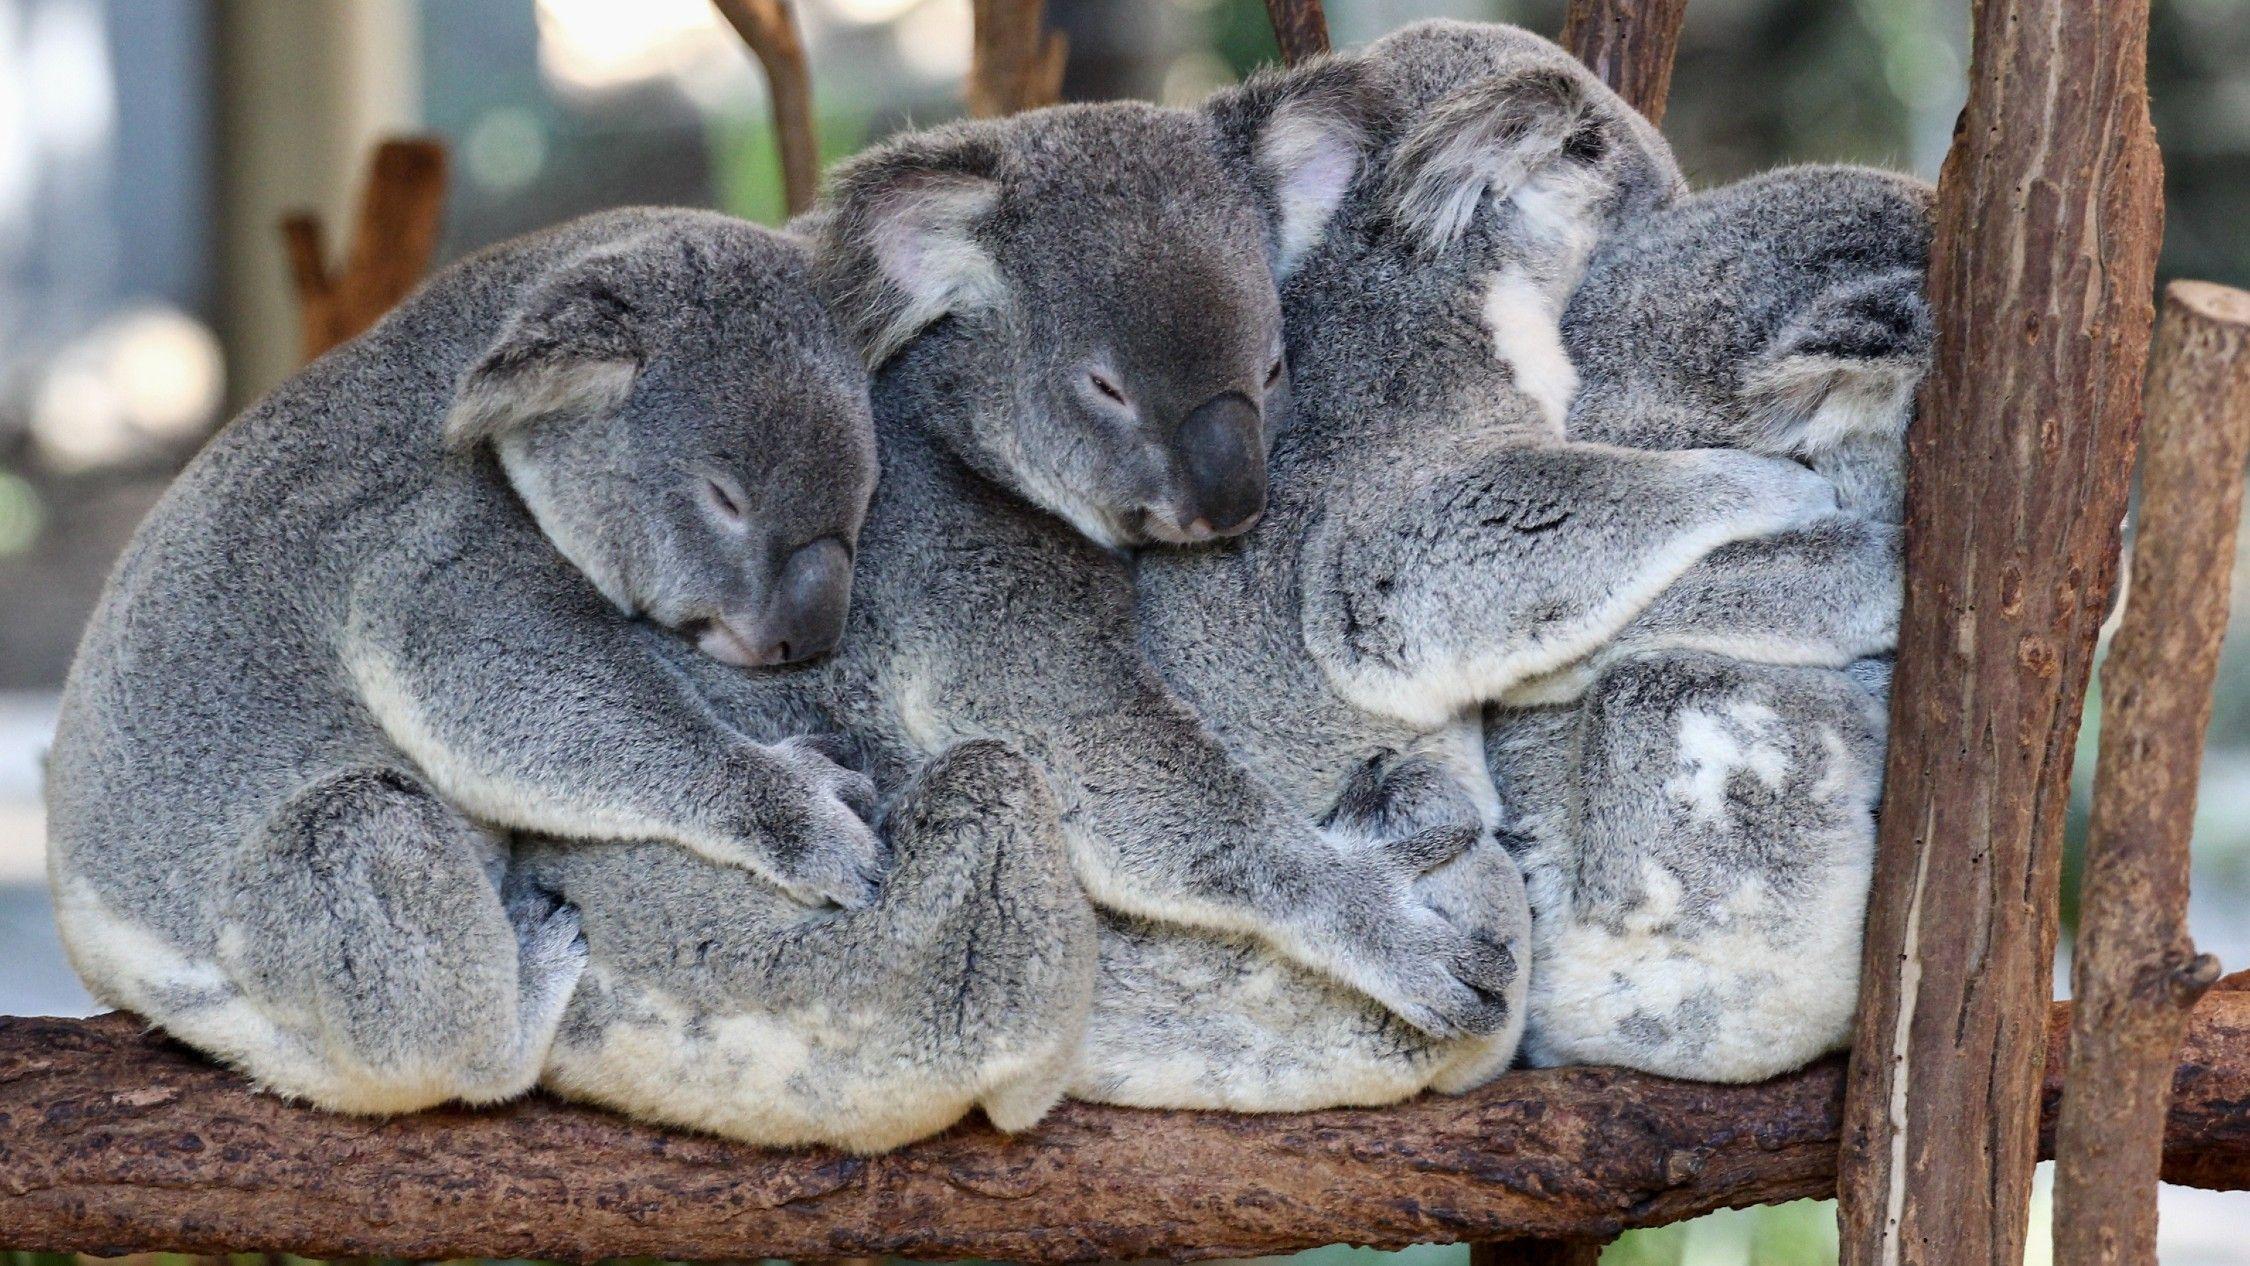 An Australian Zoo Is Running A 24 7 Koala Livestreaming Service In